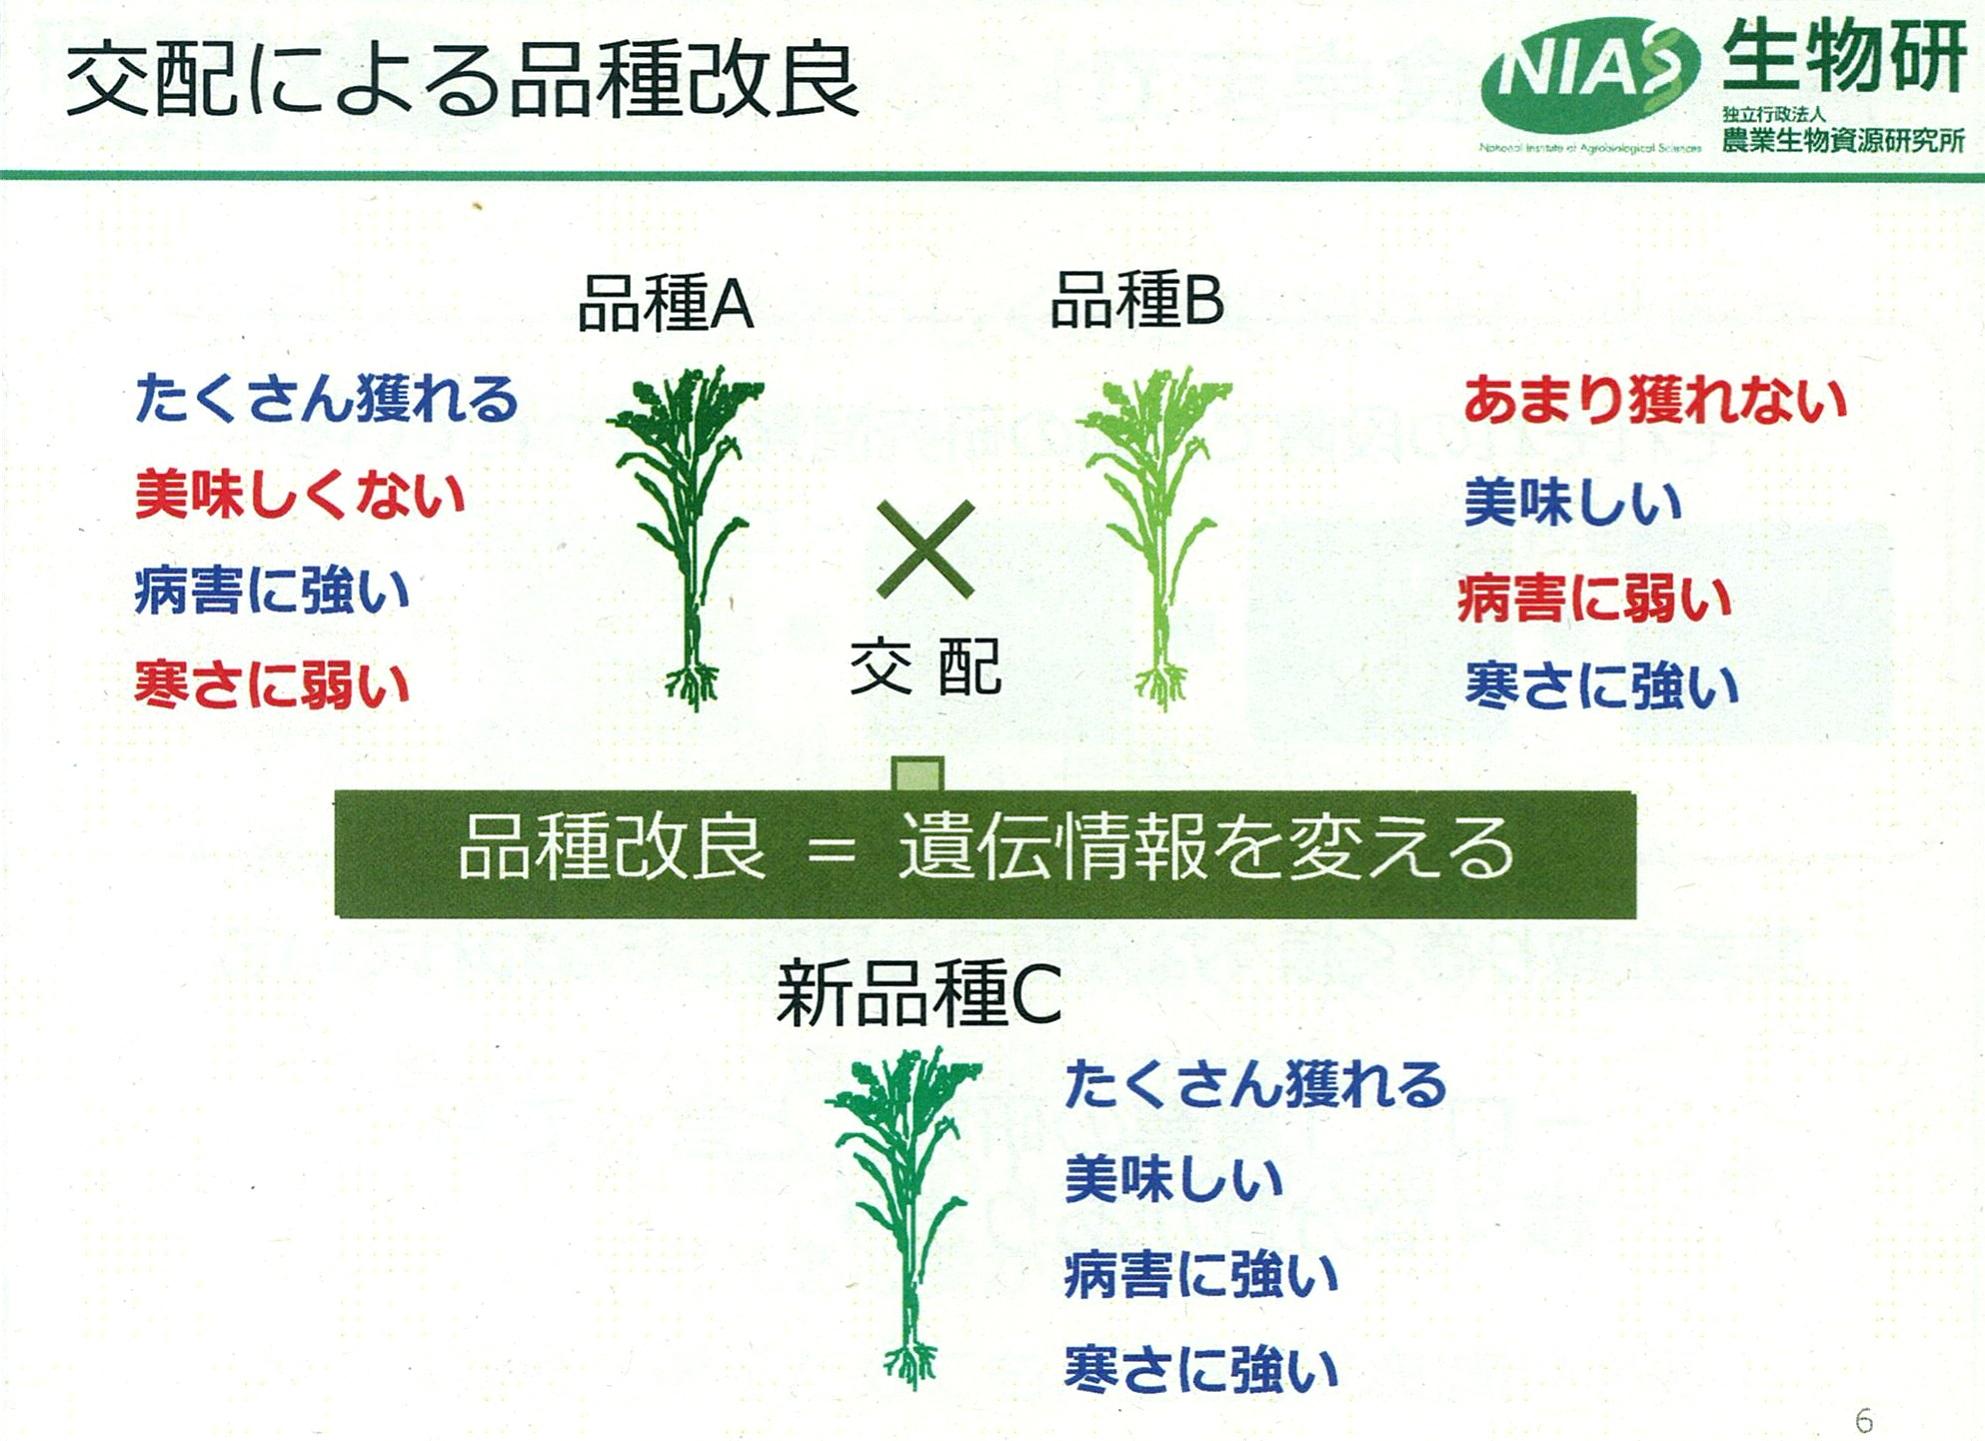 稲 交配による品質改良